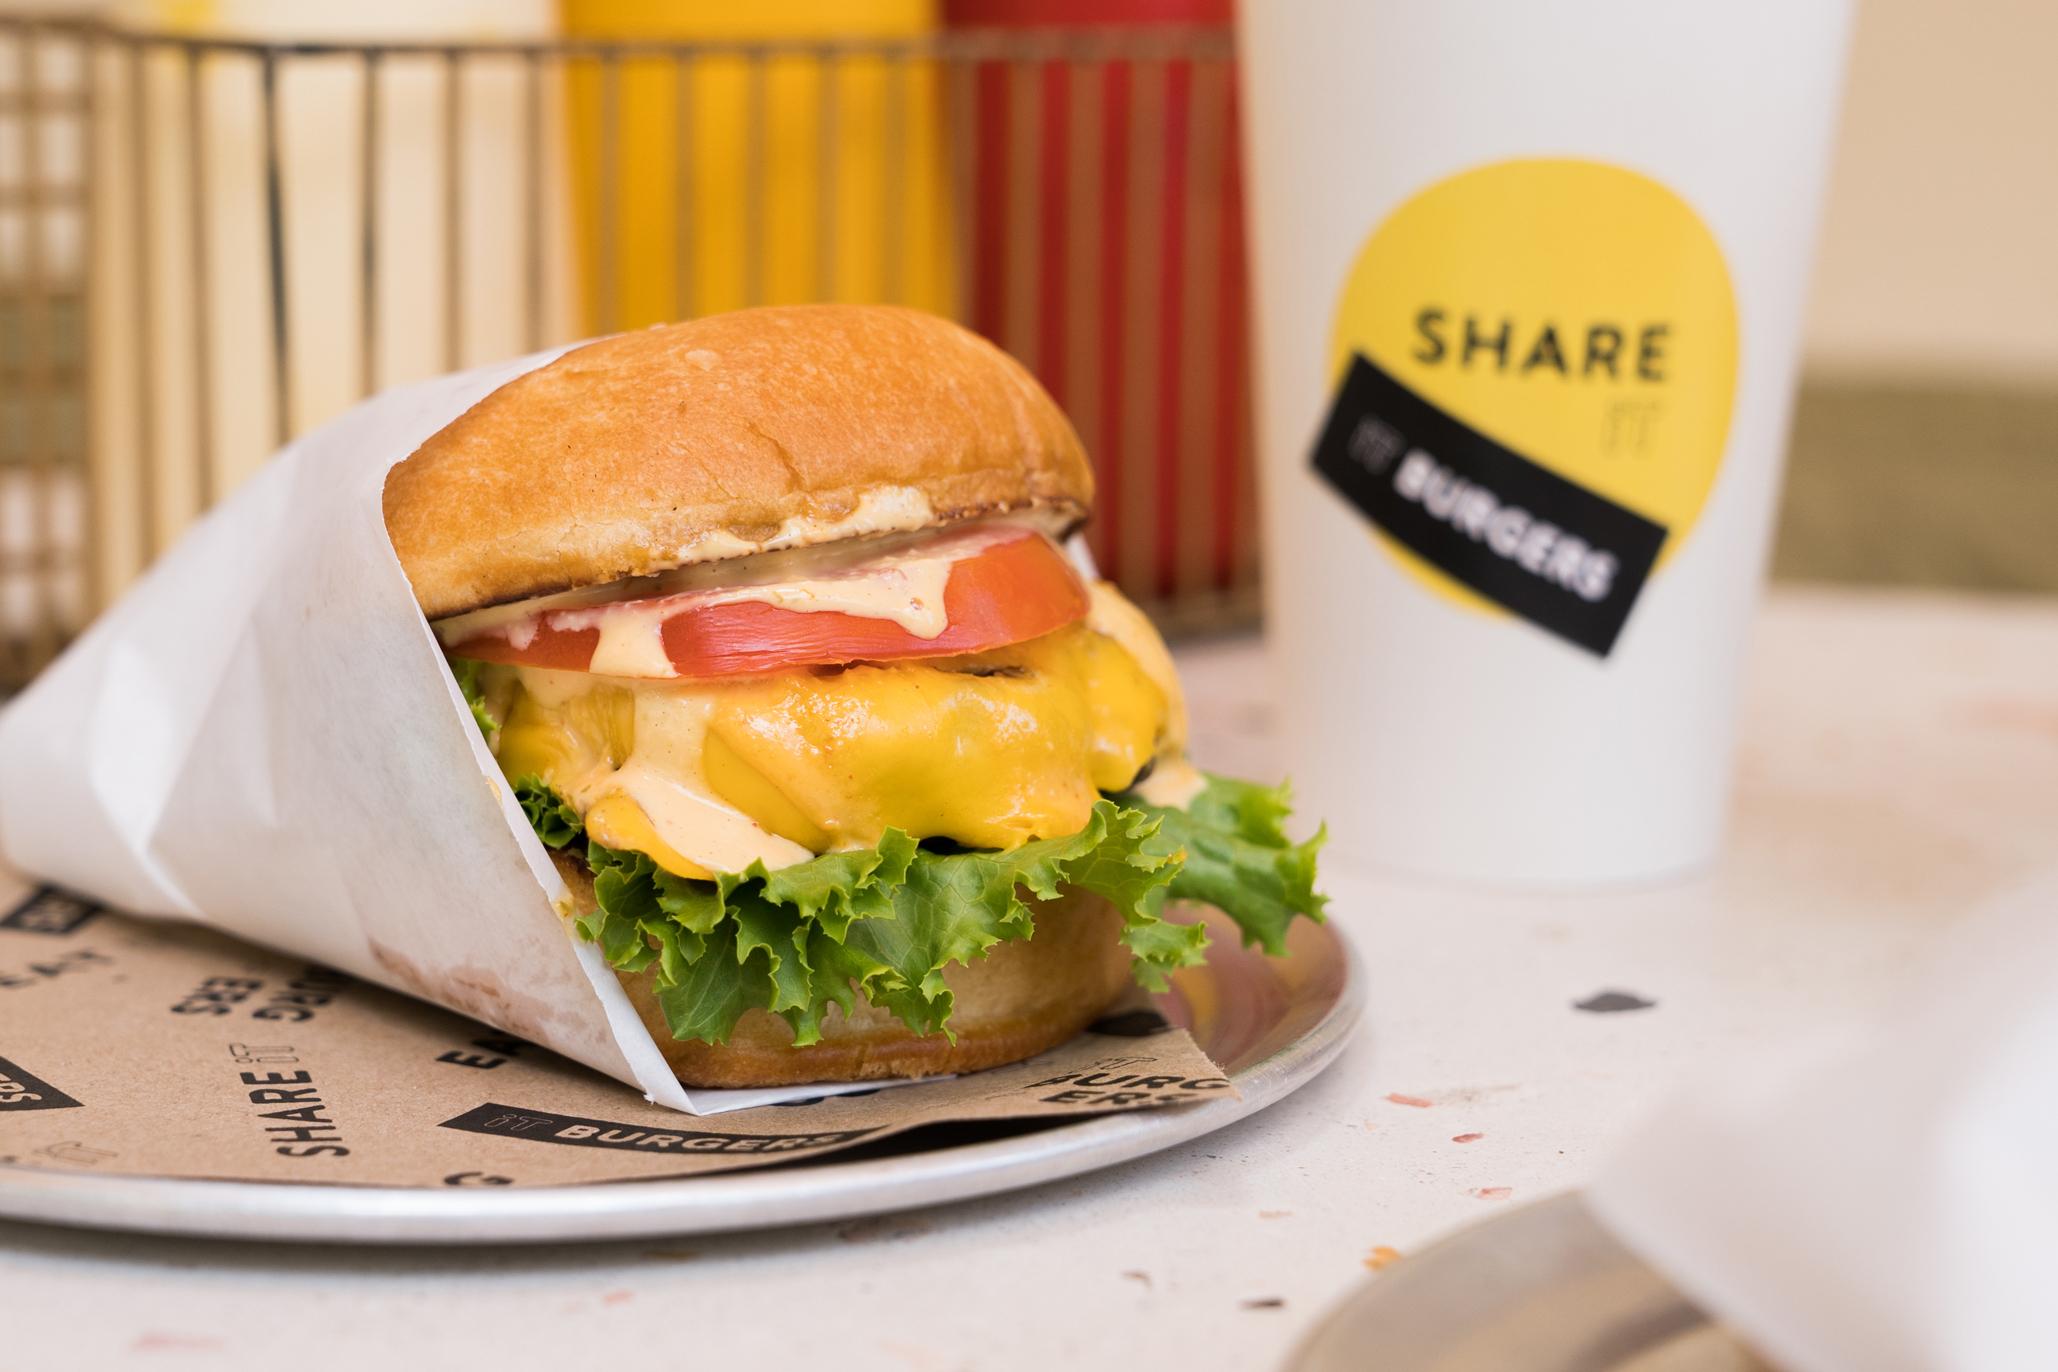 Restaurantes para comer hamburguesas veganas y vegetarianas en la CDMX